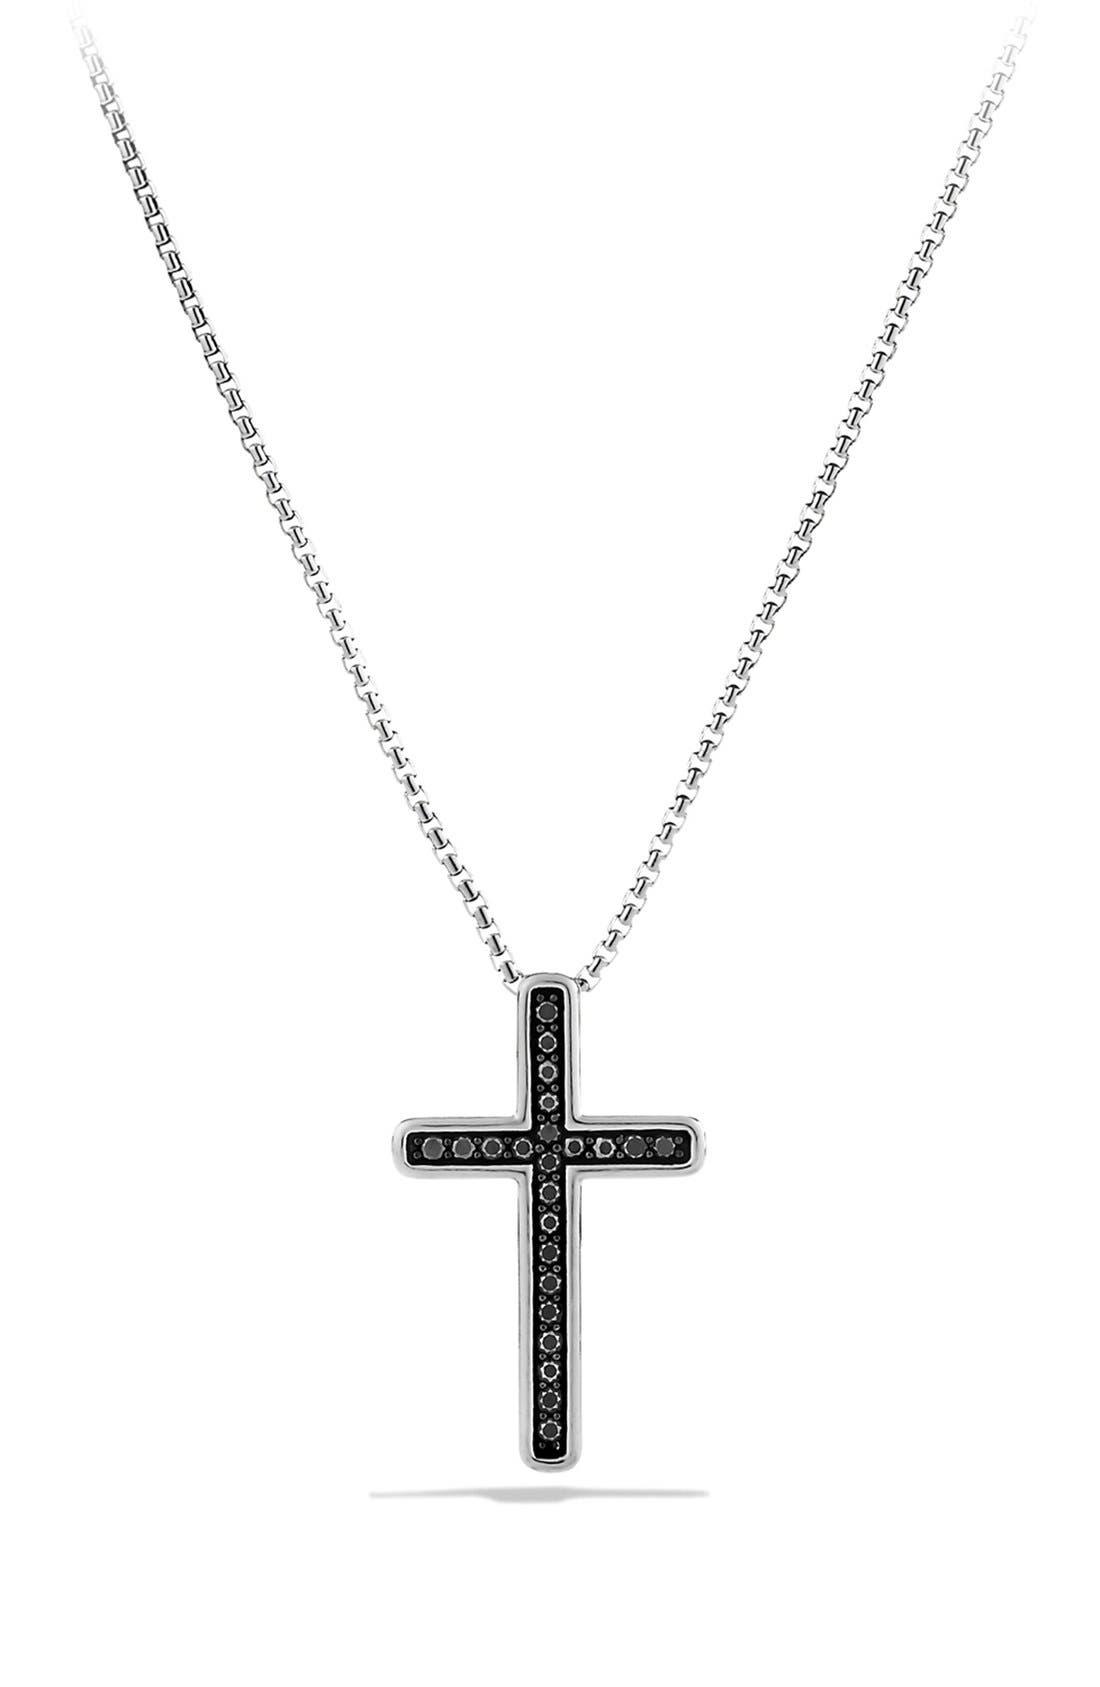 Main Image - David Yurman 'Petite Pavé' Cross Necklace with Black Diamonds